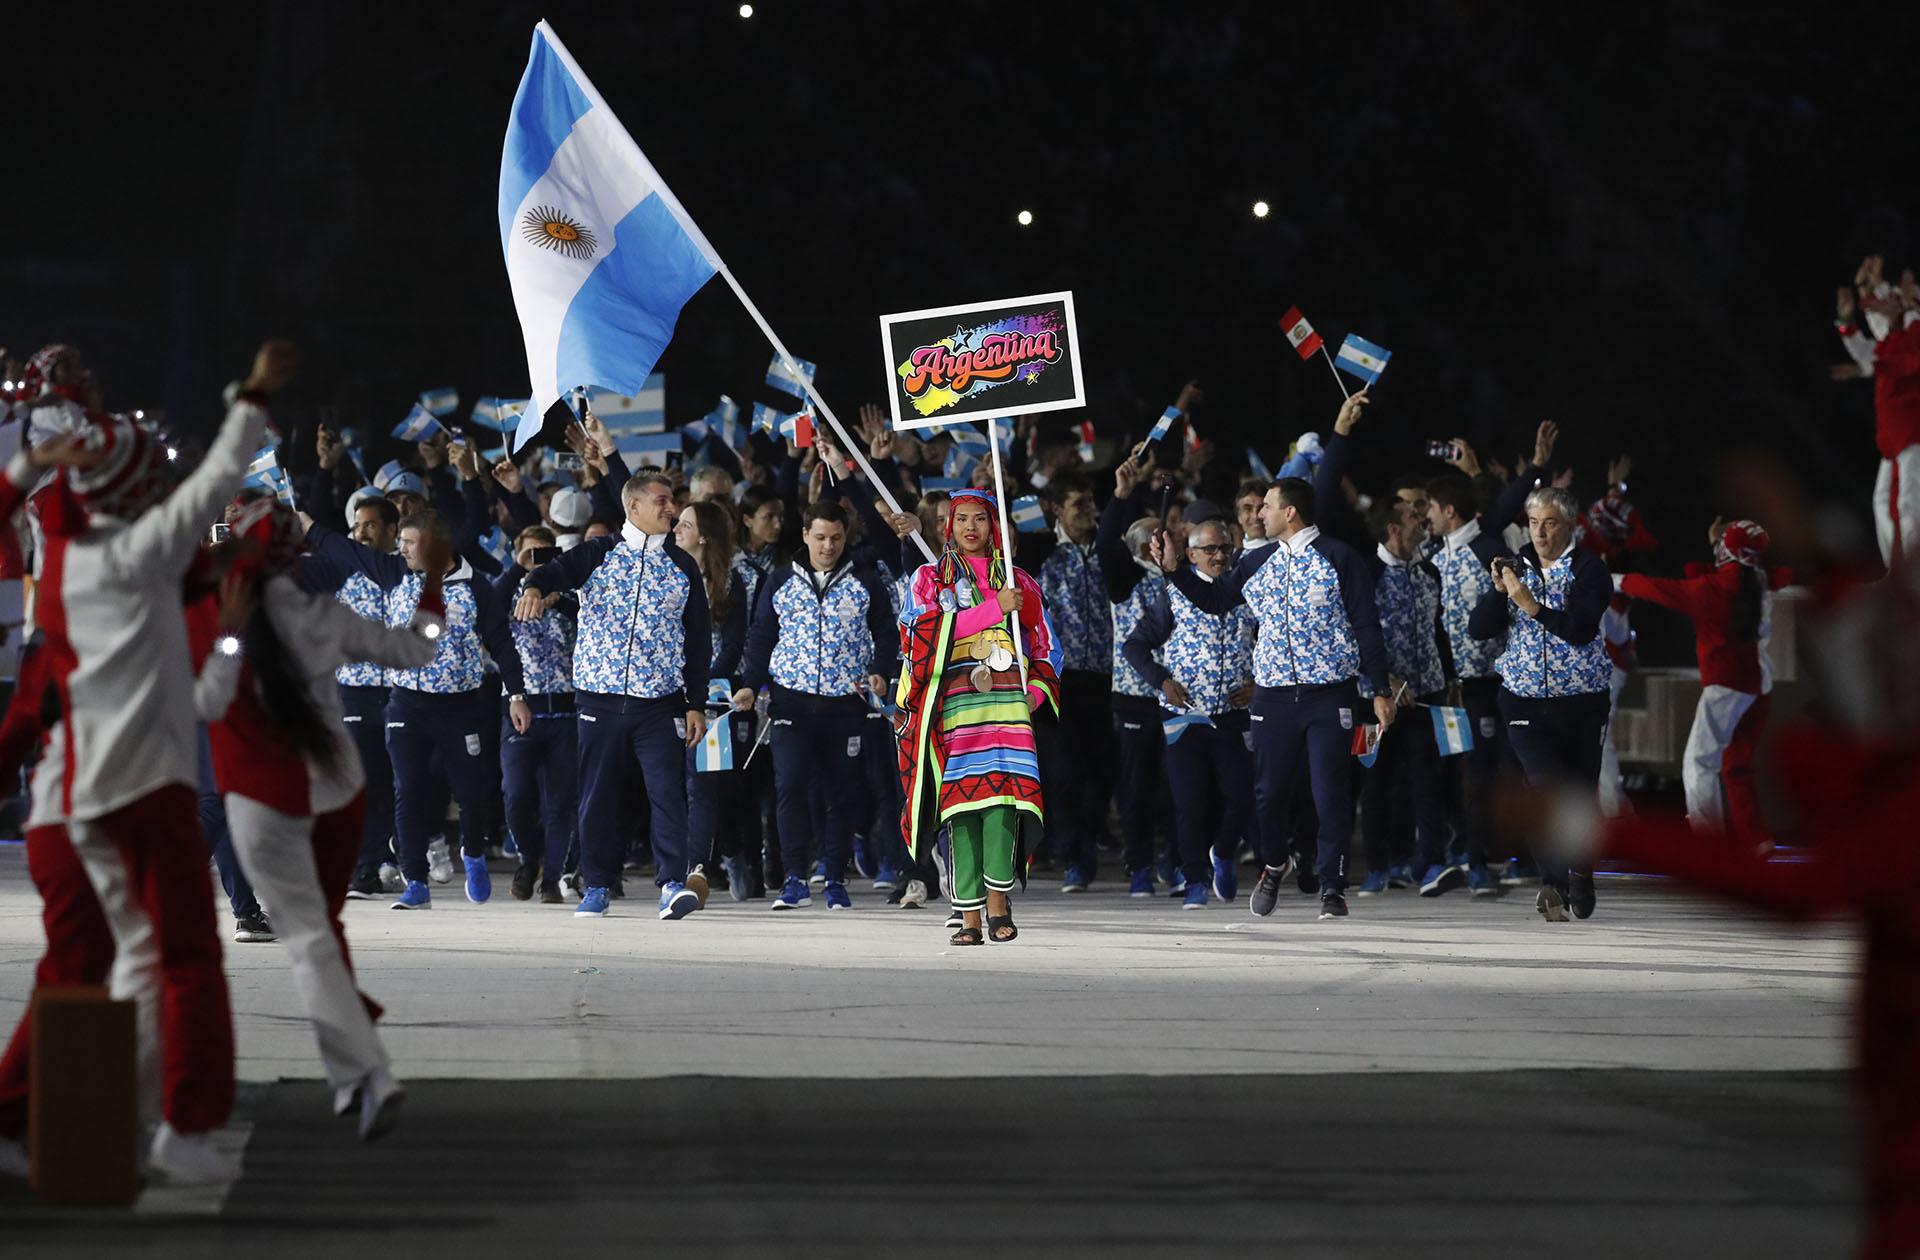 La delegación argentina, la primera en ingresar en el desfile de los países que compiten en los Juegos Panamericanos (REUTERS/Henry Romero)